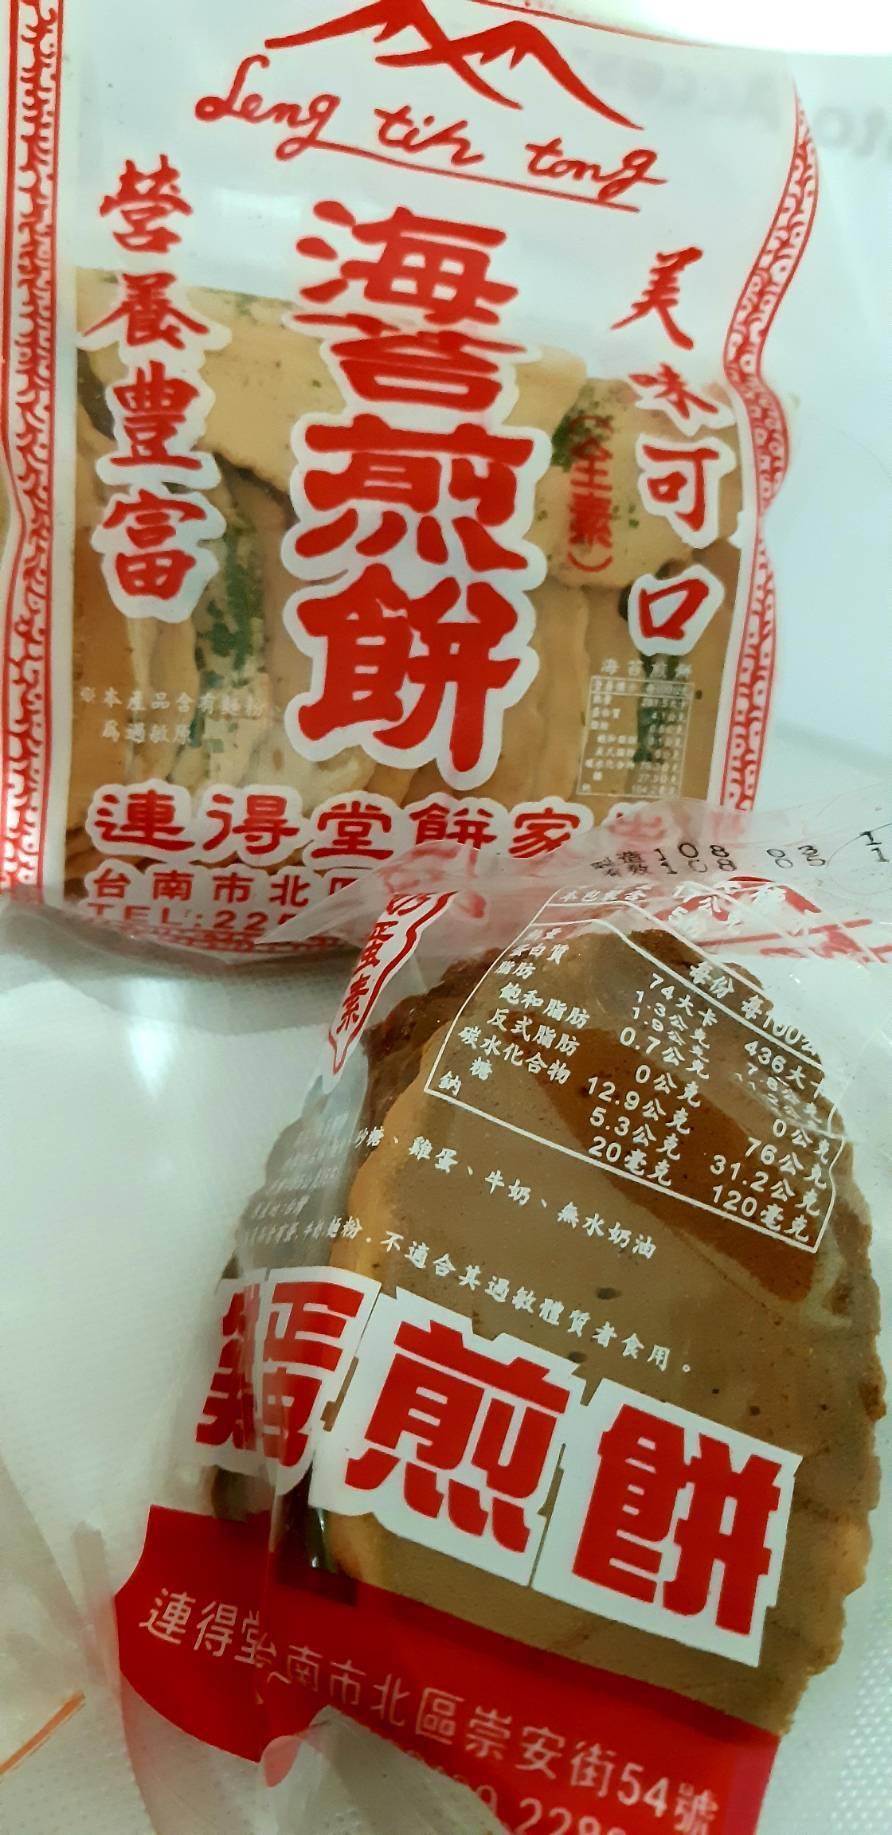 「連得堂餅家」限量手工煎餅有許多鐵粉。圖/記者柯意如攝影